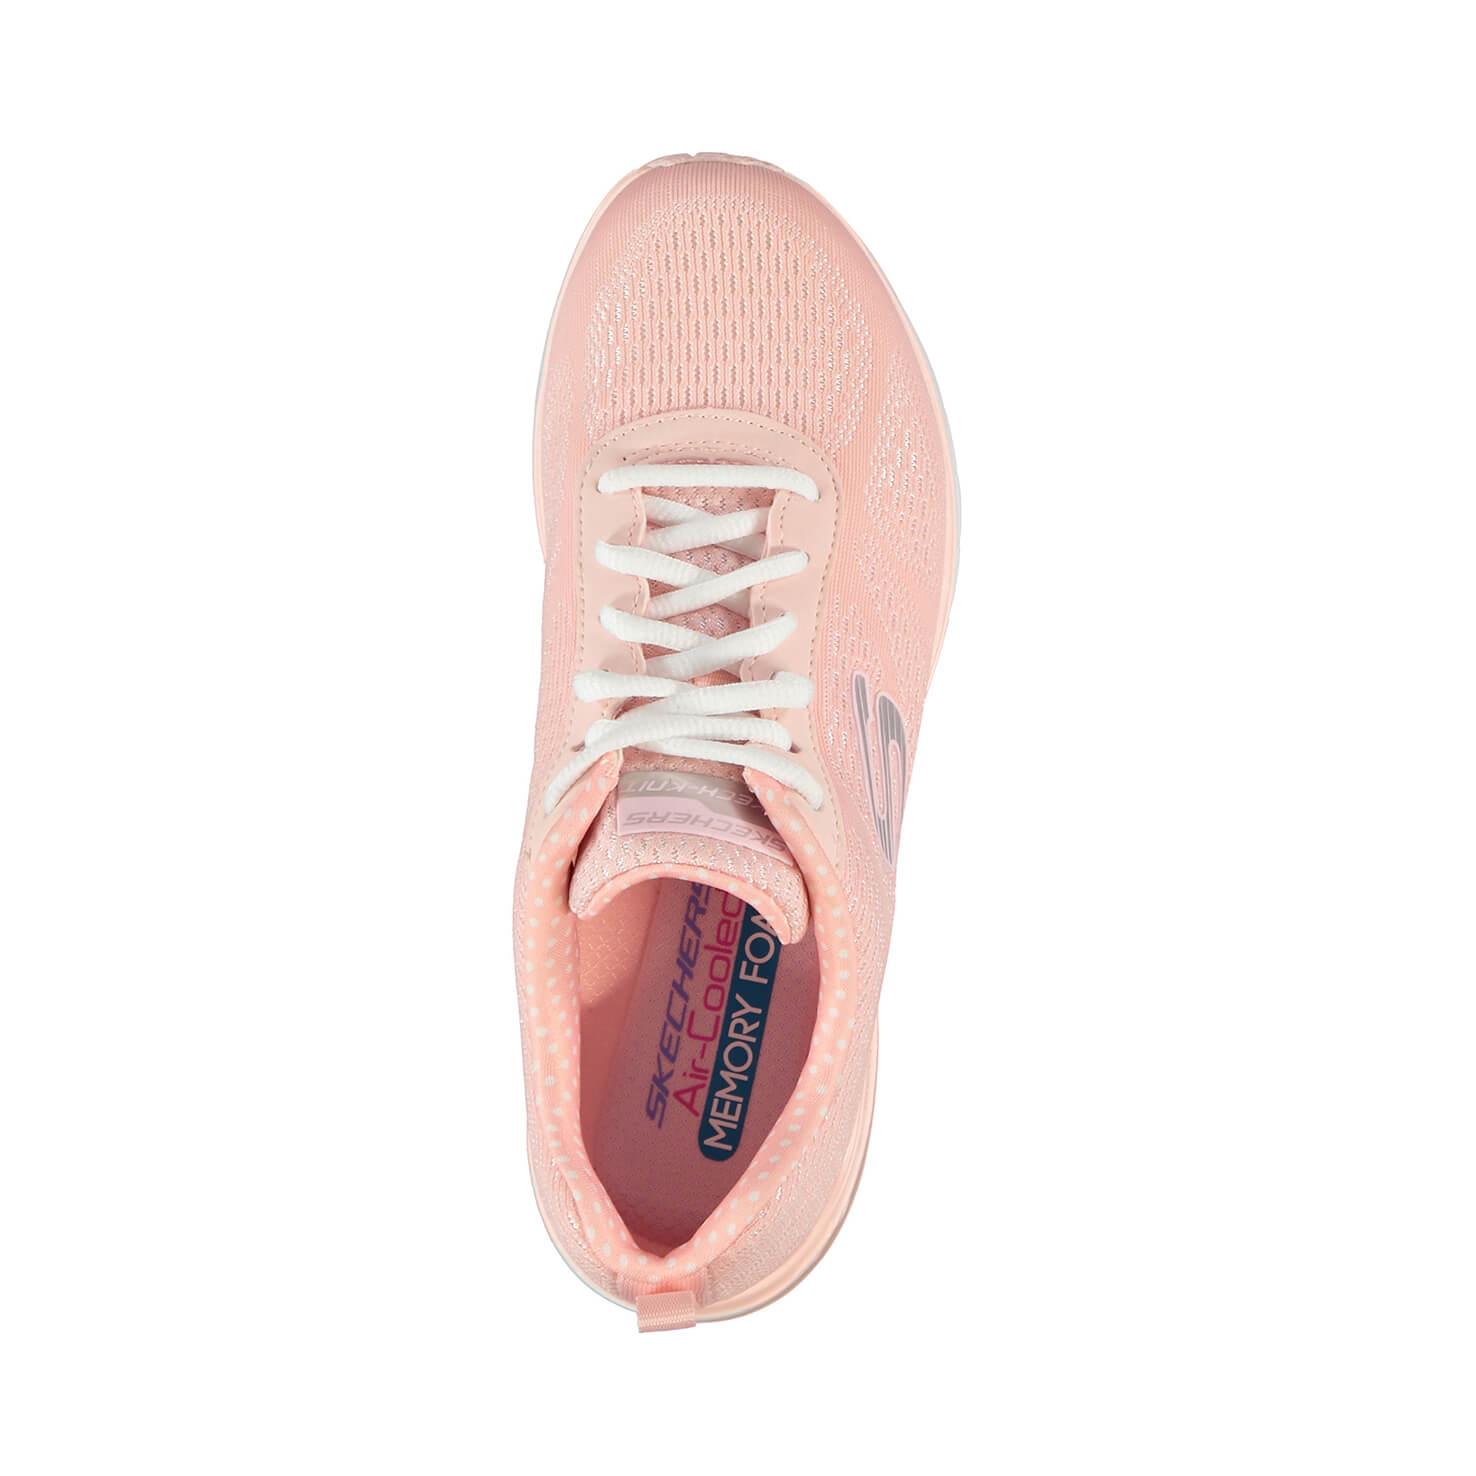 Skechers Skech-Air Infinity Kadın Pembe Spor Ayakkabı